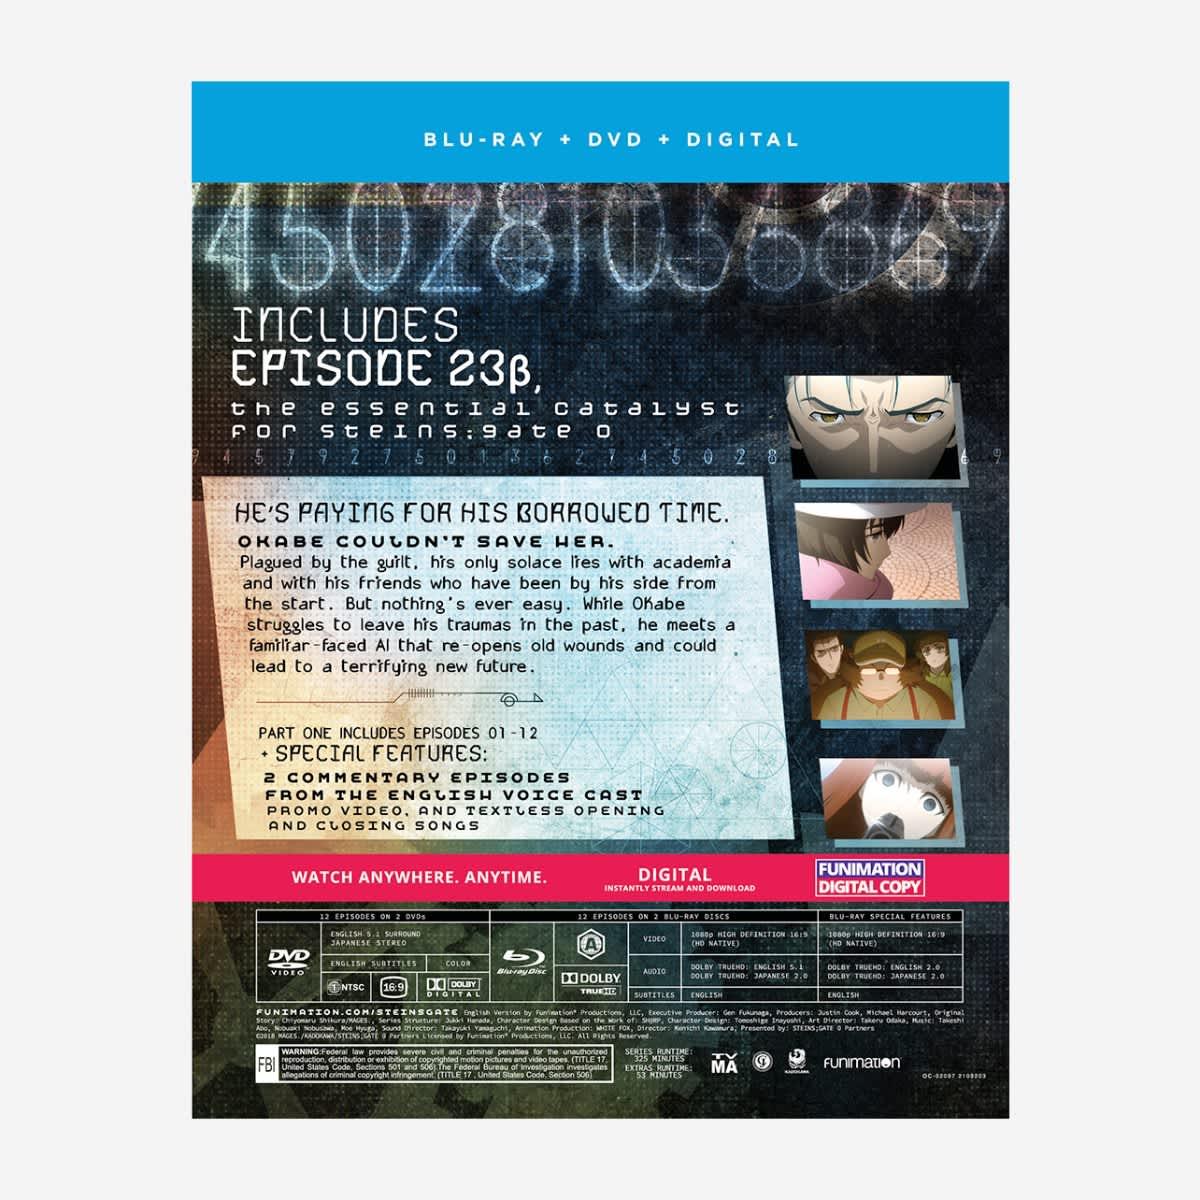 Steins;Gate 0 Part 1 Blu-ray/DVD